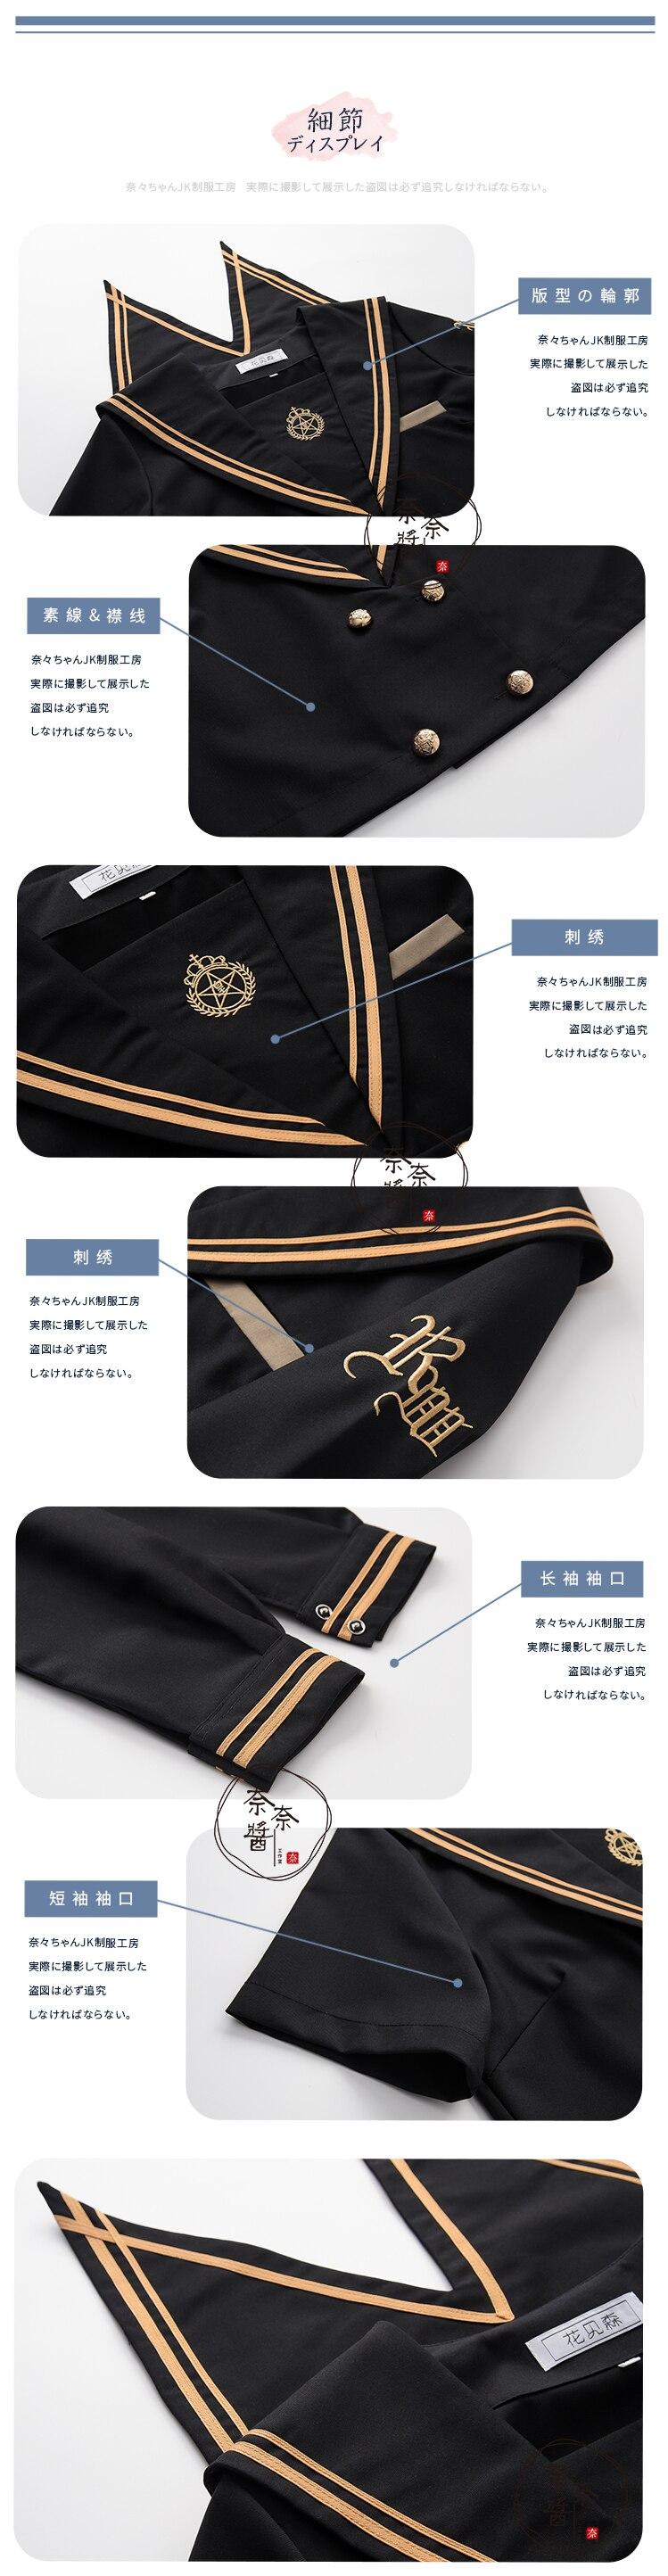 Однобортная школьная форма Jk; милый повседневный костюм моряка для девочек; Jpanese Kawaii; изысканный элегантный костюм с вышивкой и бантом